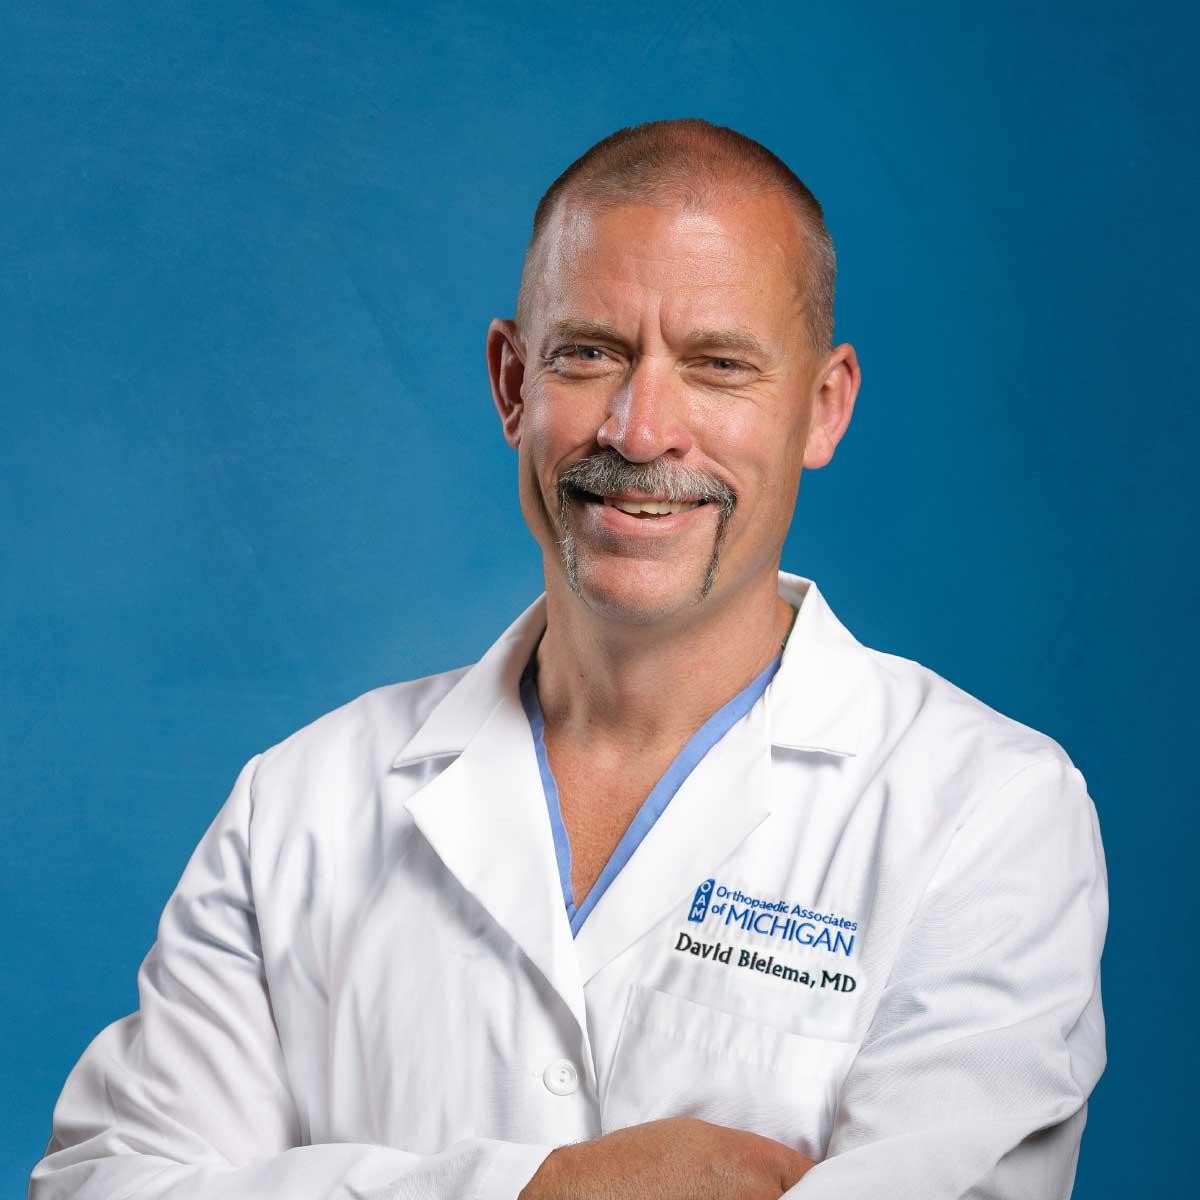 David Bielema, MD